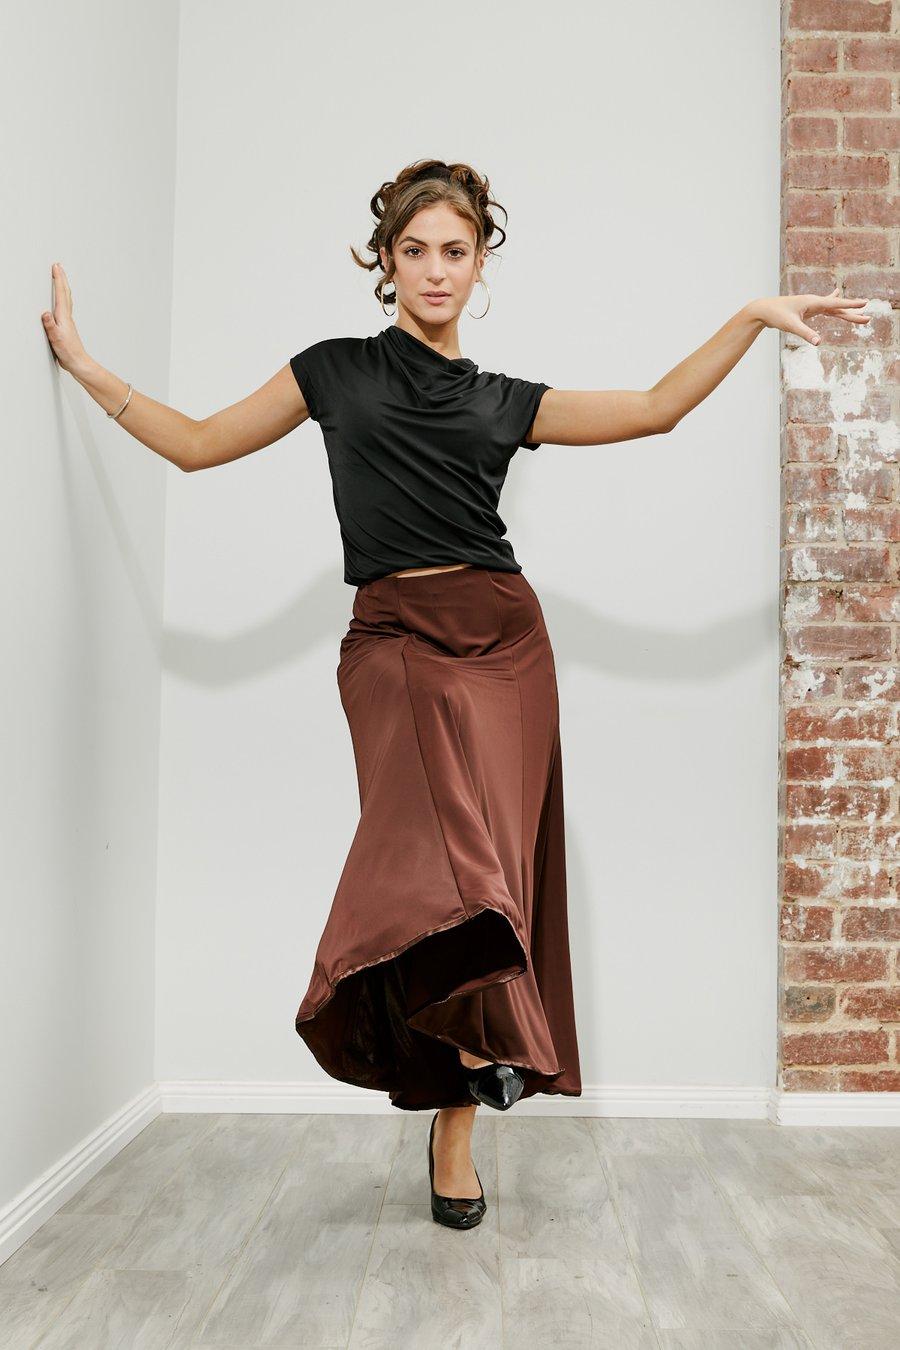 Image of Rikoko Top - Black (E1289) Dancewear latin ballroom